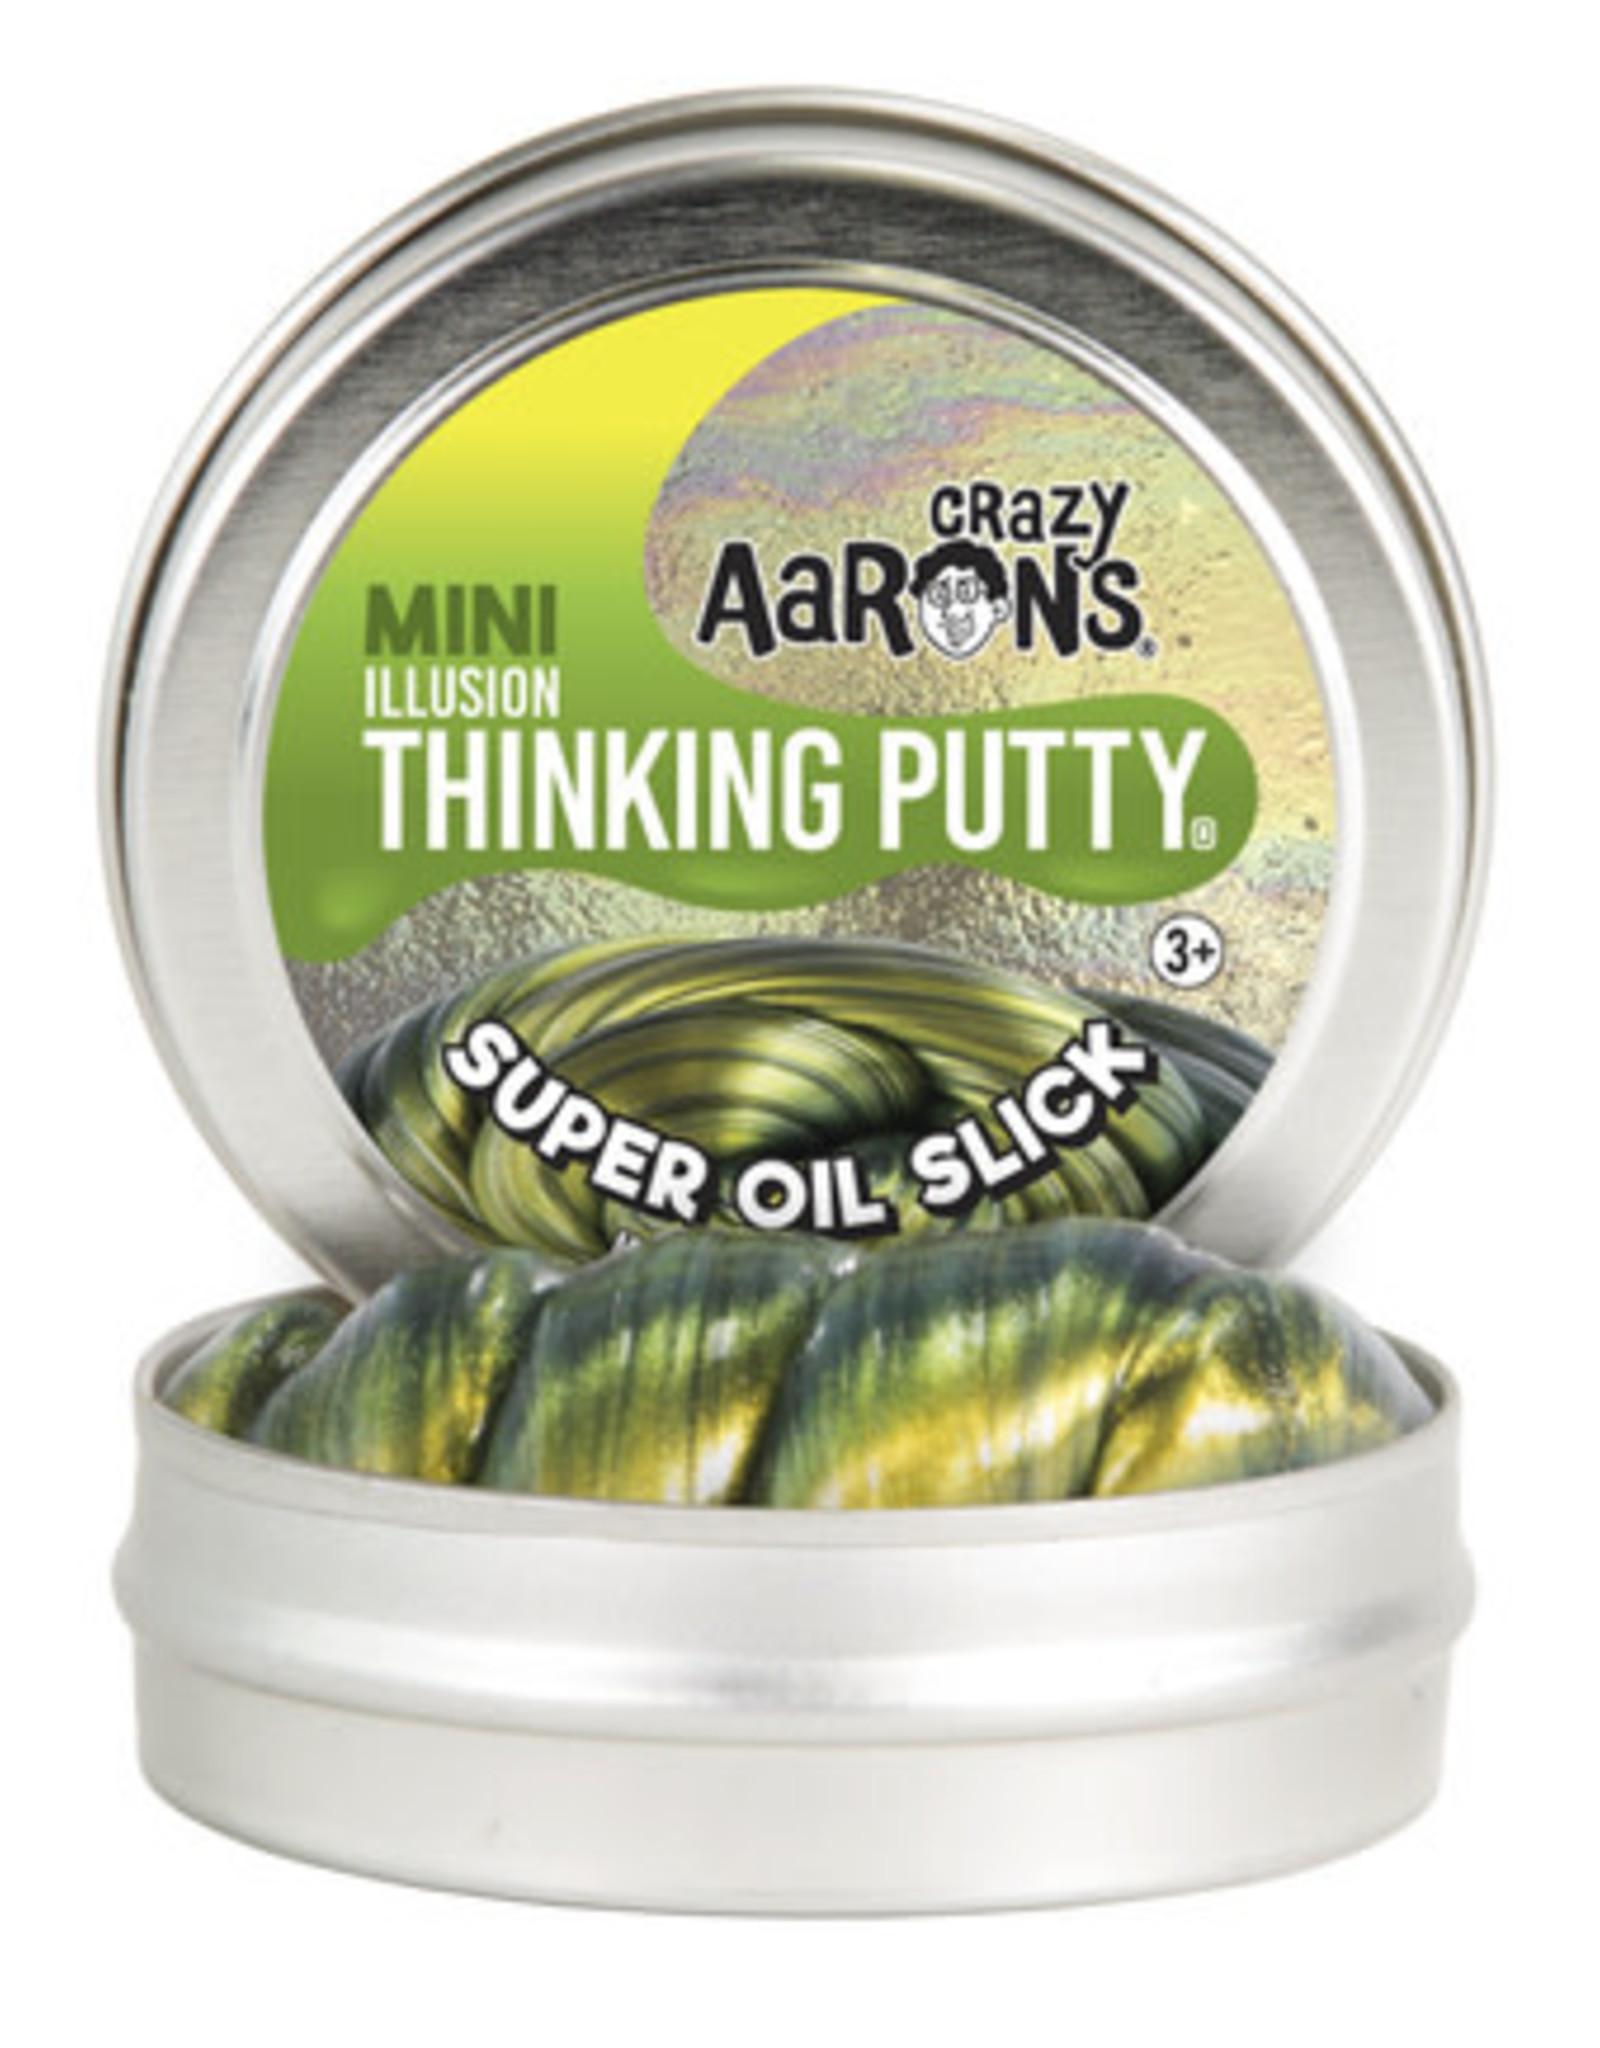 Crazy Aaron's Thinking Putty Crazy Aaron's Mini Tin -  Super Oil Slick (Illusion)